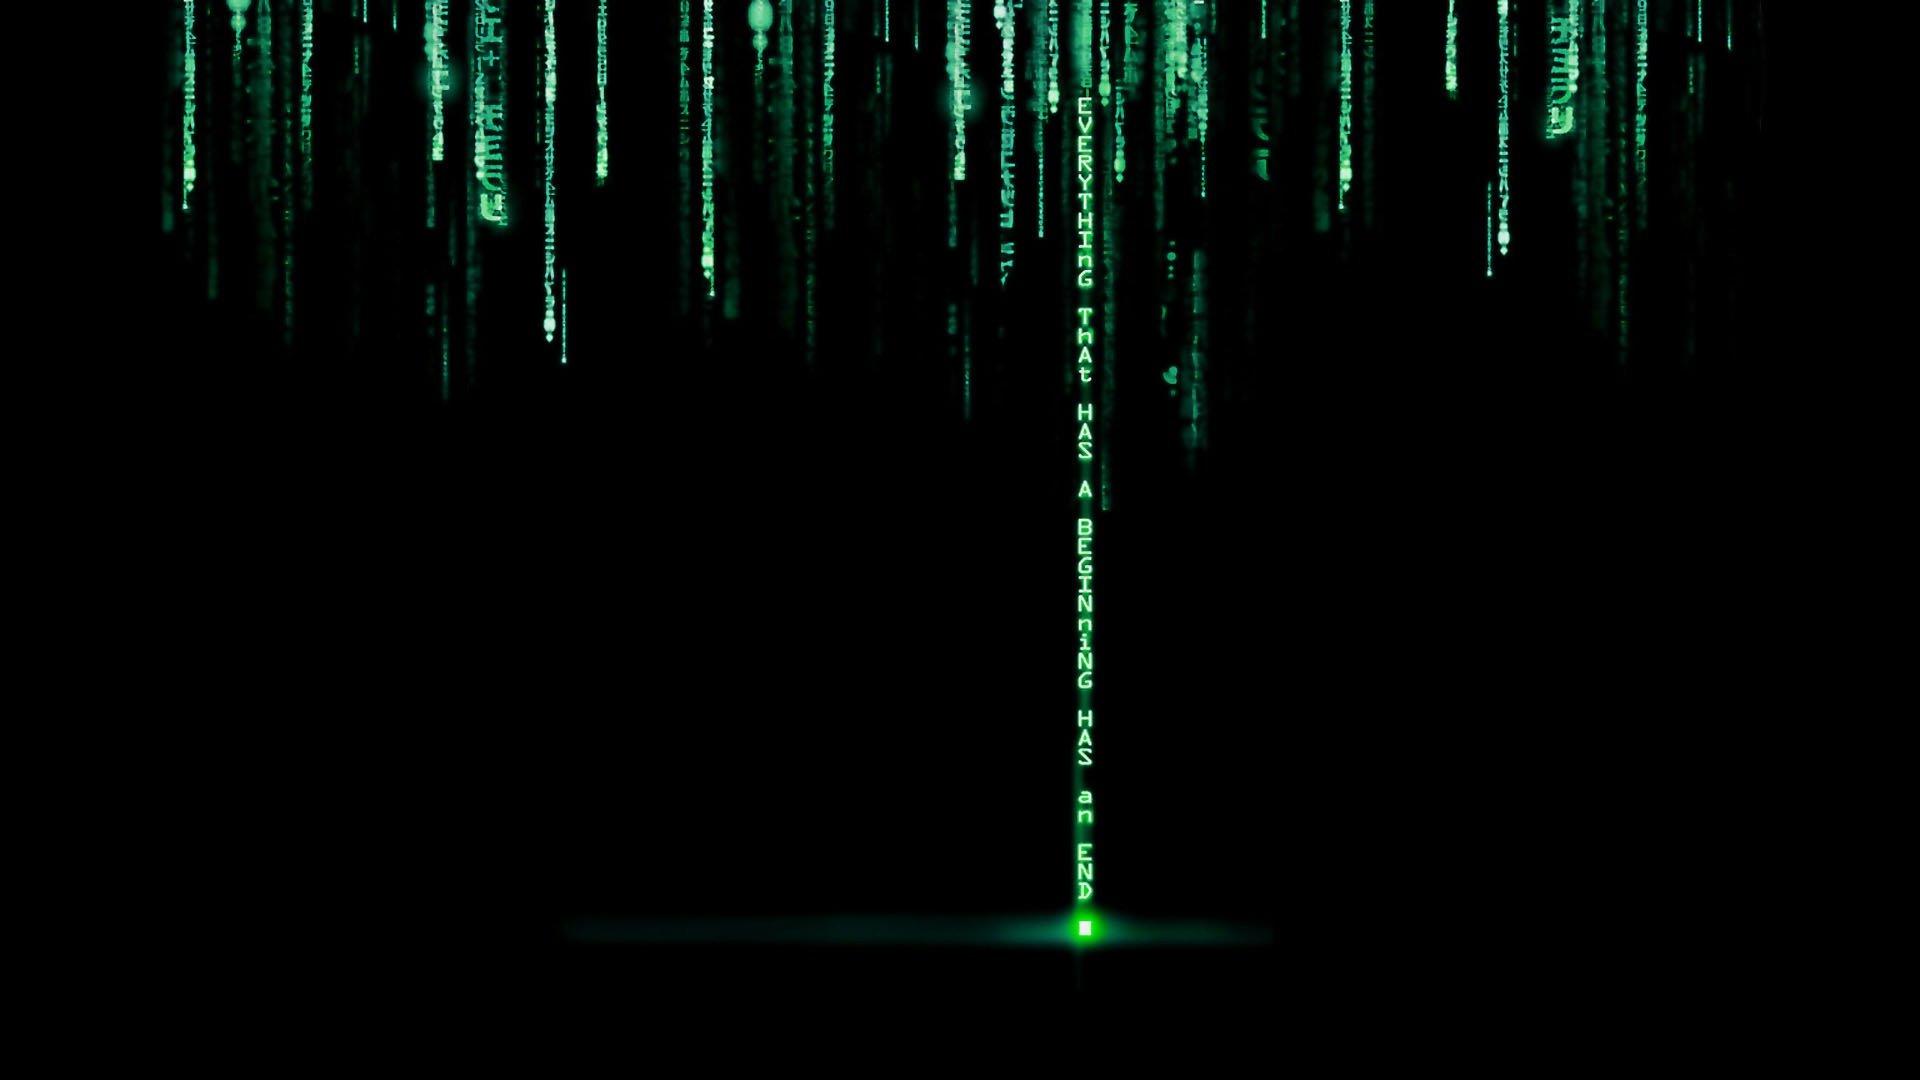 Matrix code wallpaper 1920x1080 284405 WallpaperUP 1920x1080